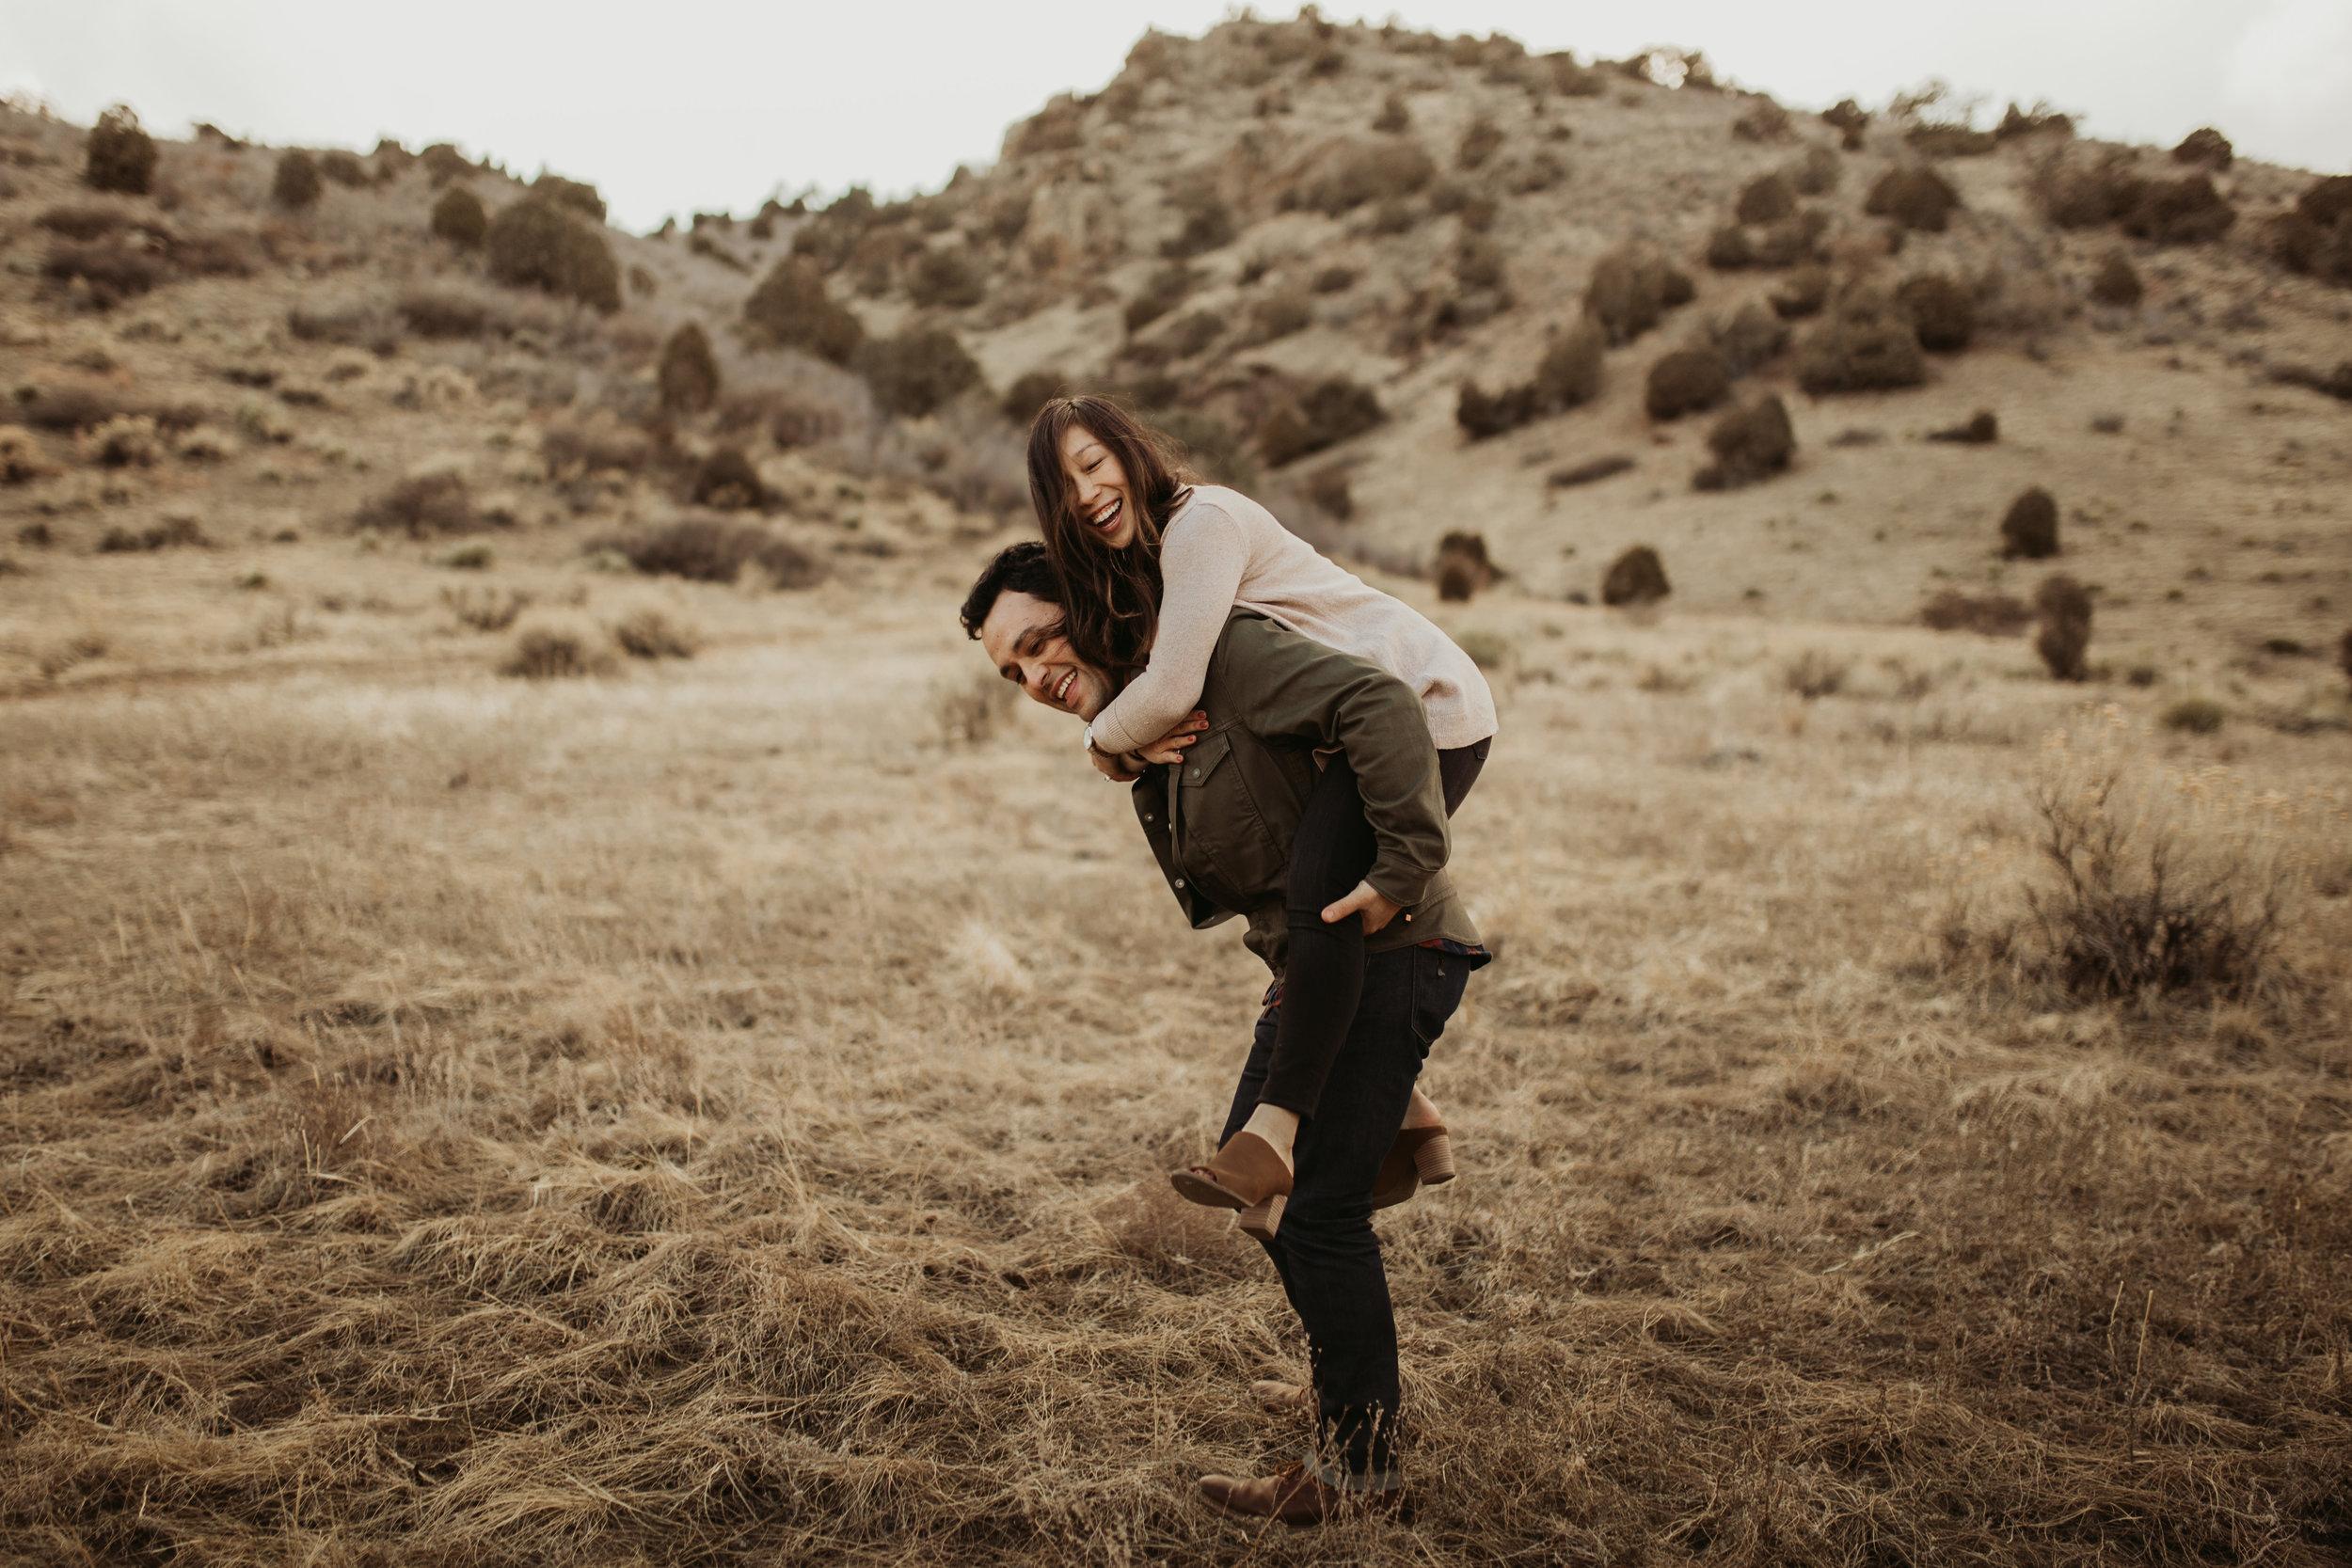 colorado+california+wedding+photographer20.jpg